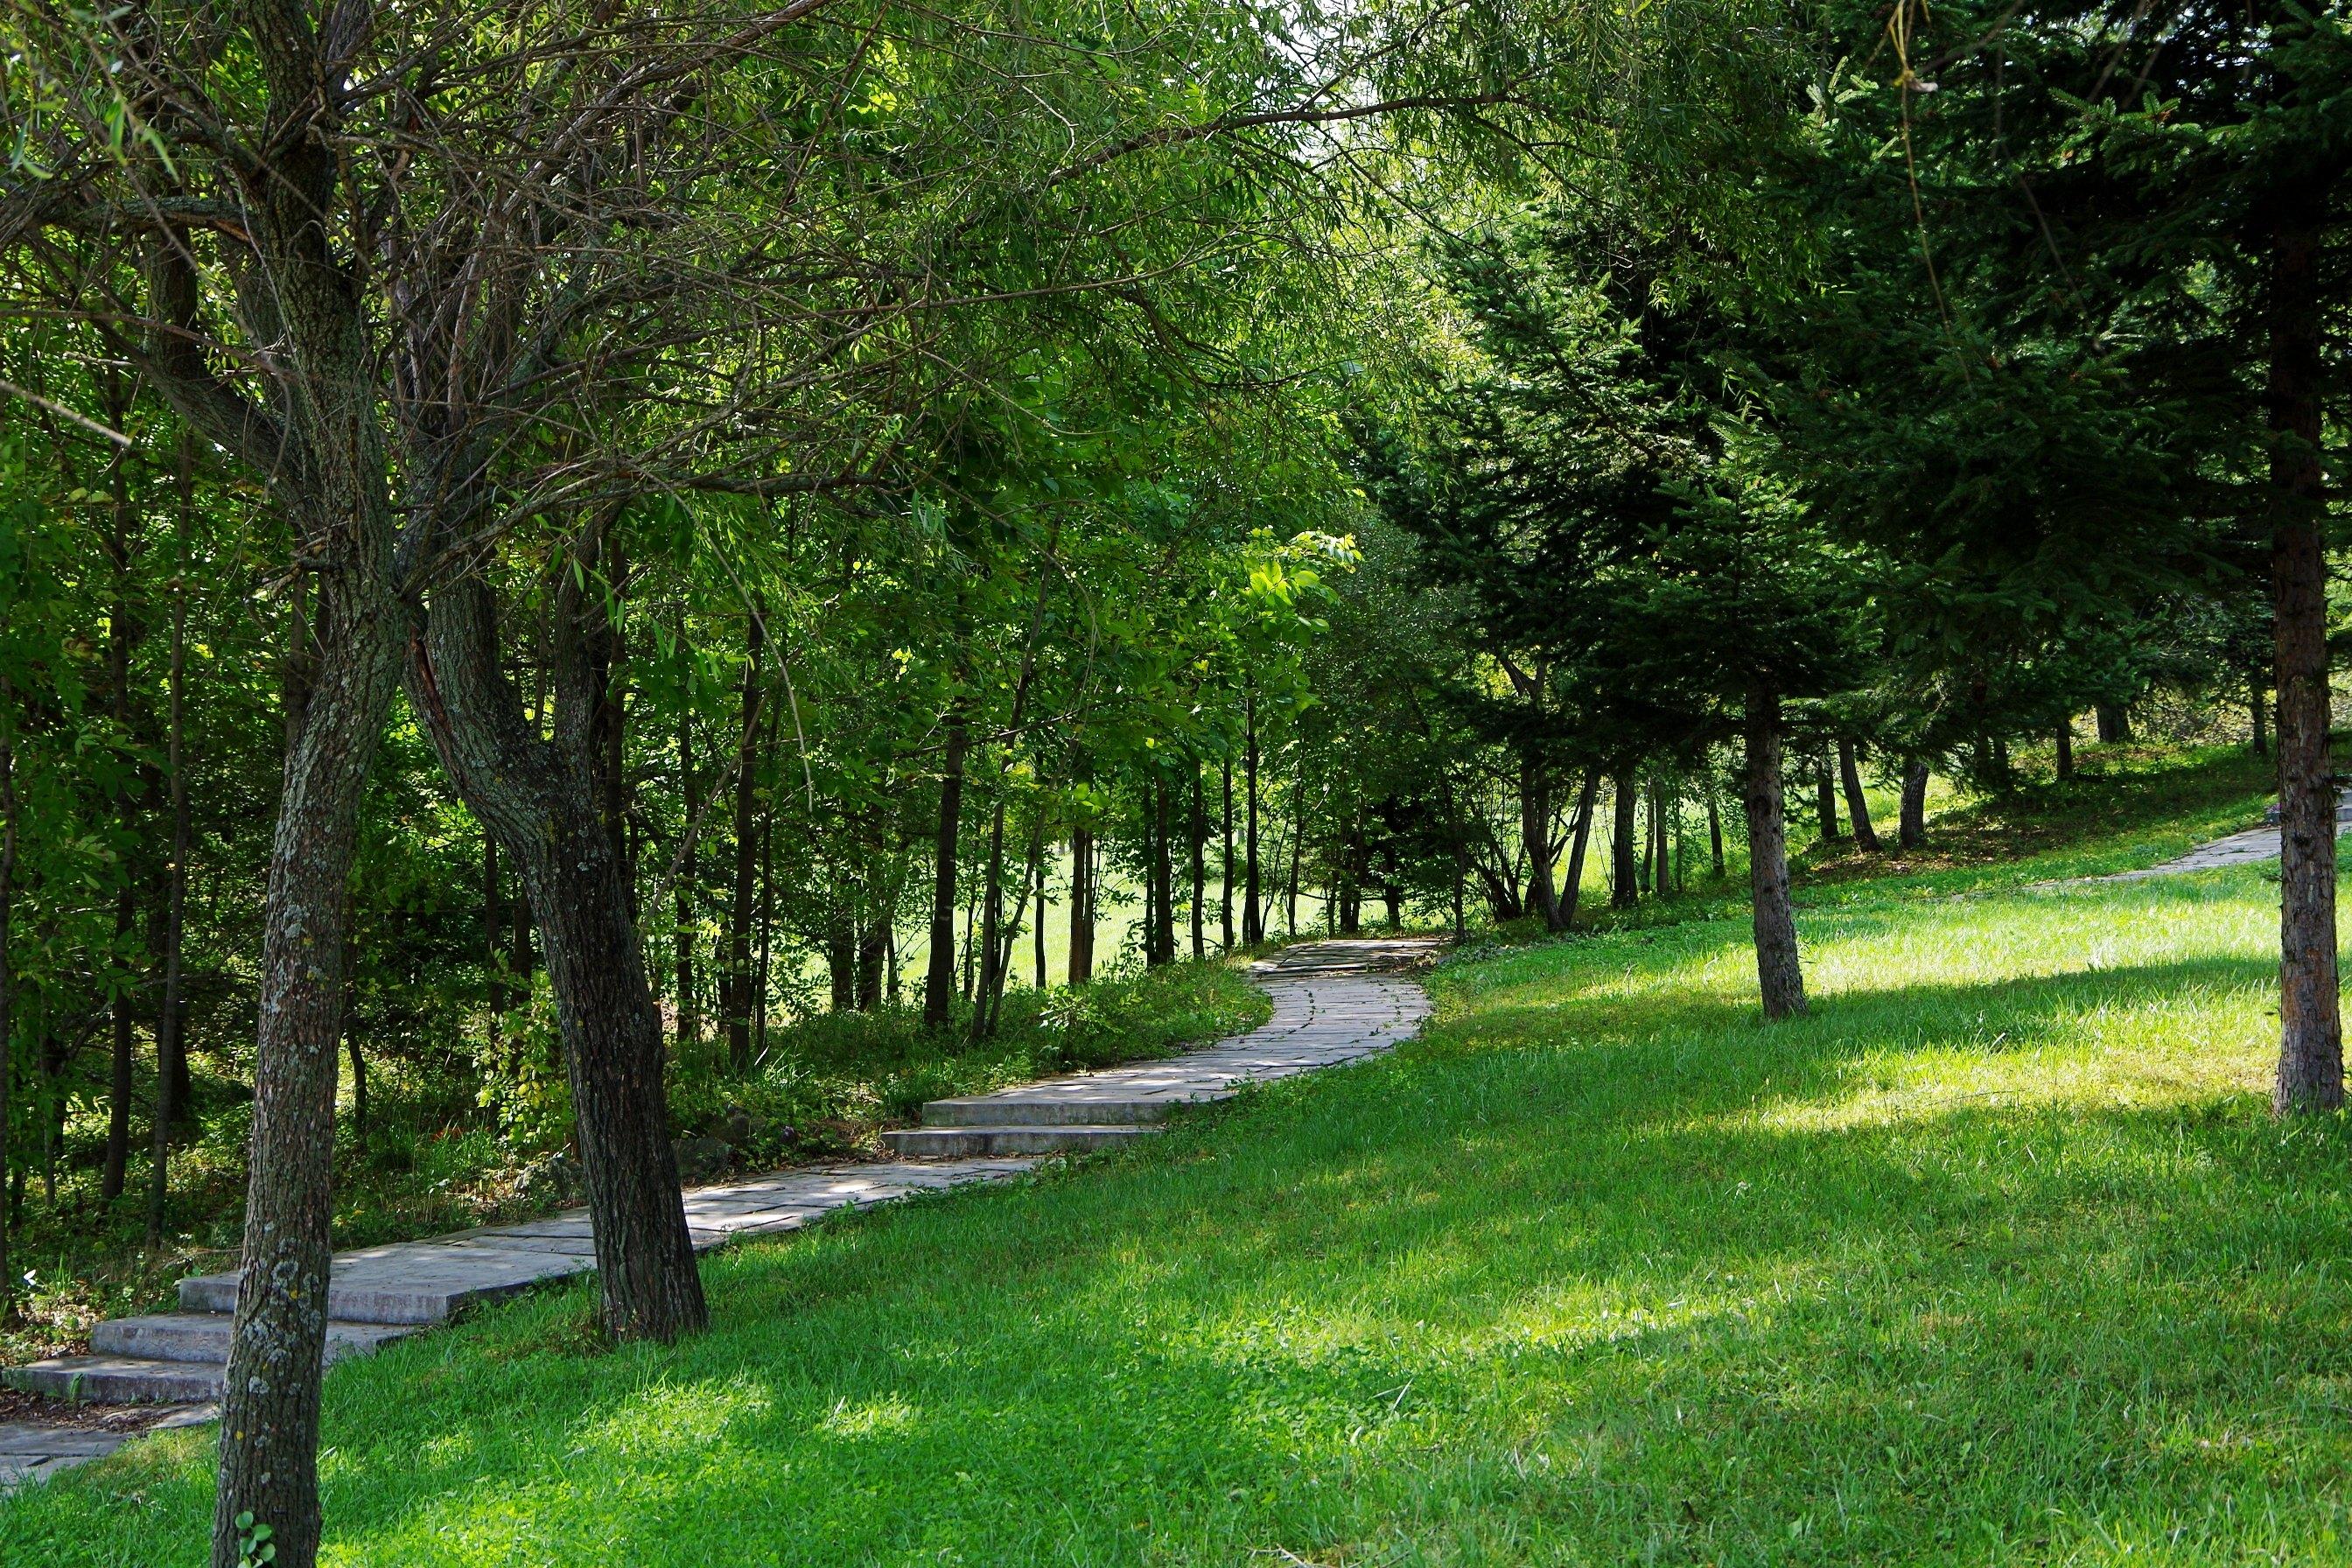 蜿蜒的林间小路,嬉戏花中的美丽蝴蝶,抛开都市的喧闹,好好享受